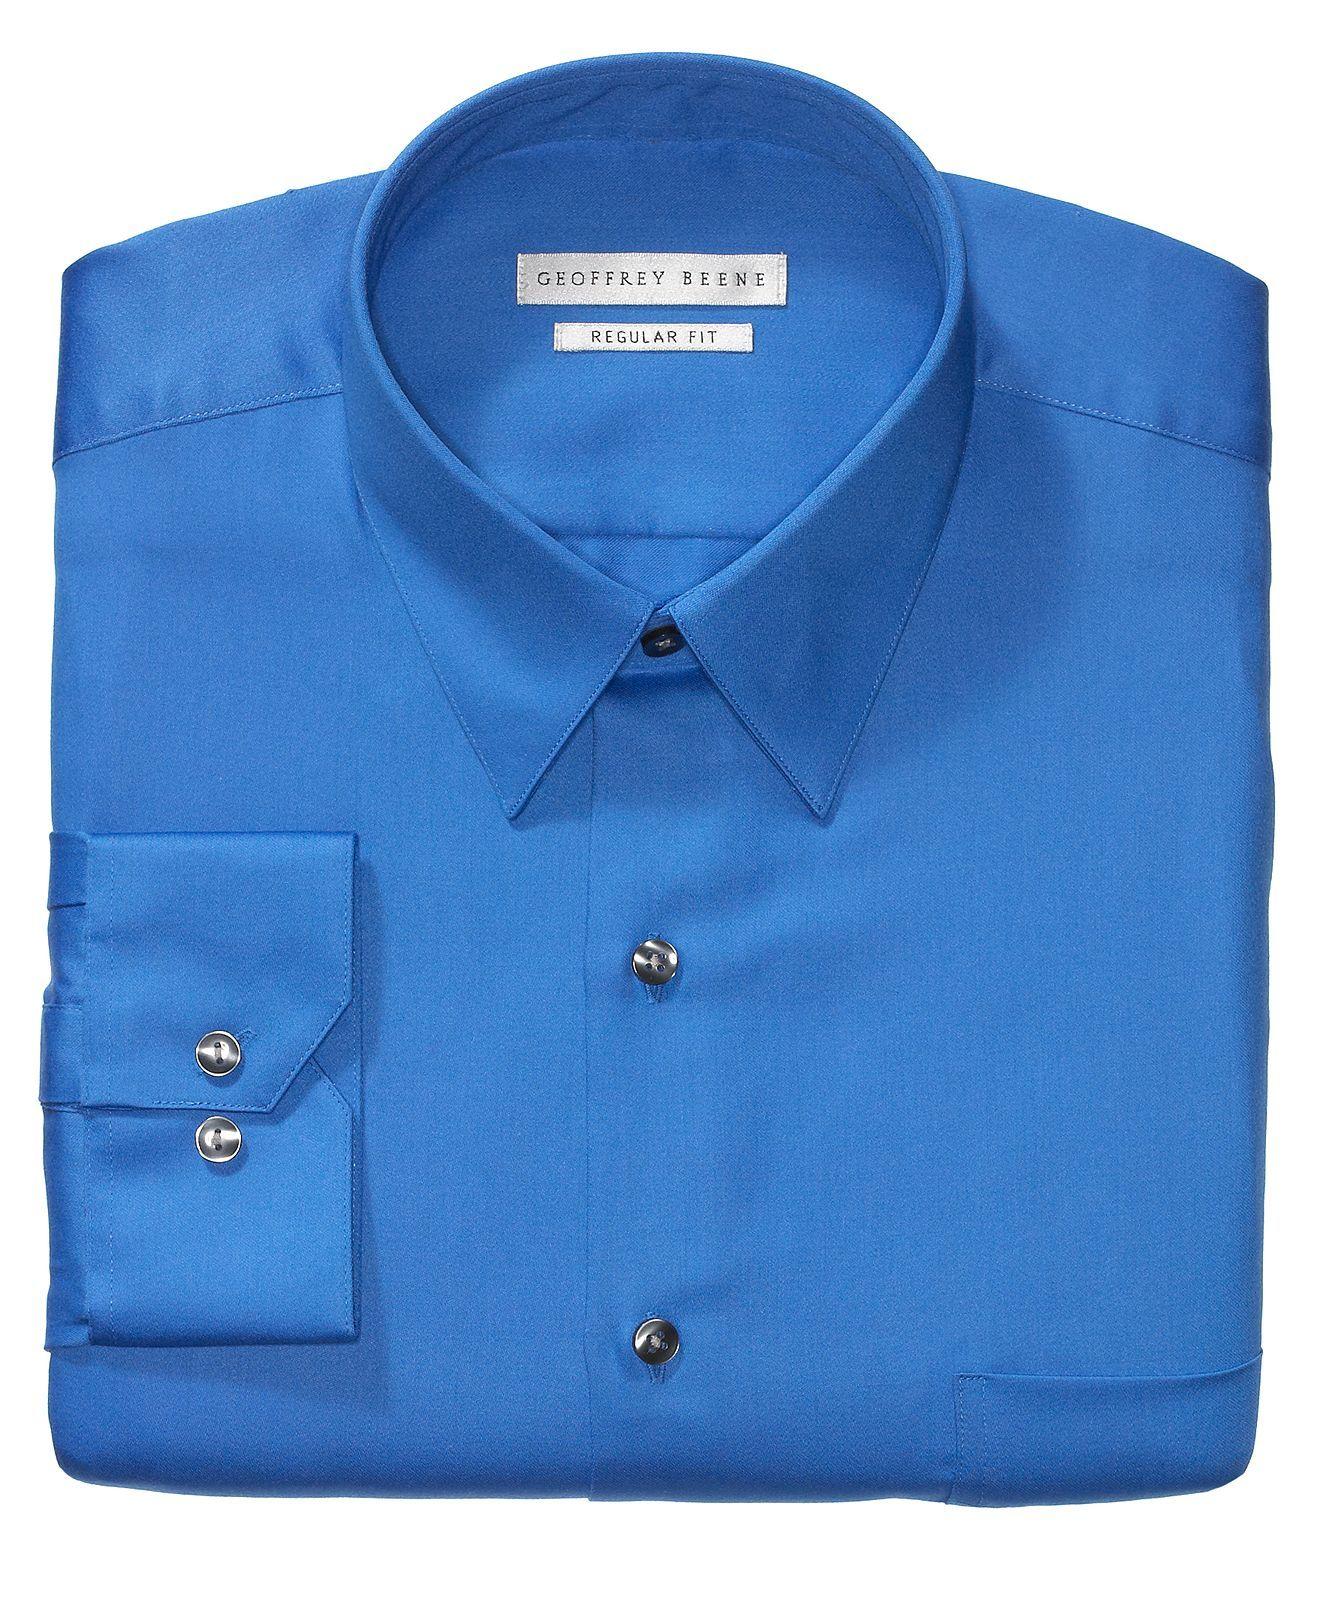 Geoffrey Beene Dress Shirt Sateen Solid Dress Shirts Men